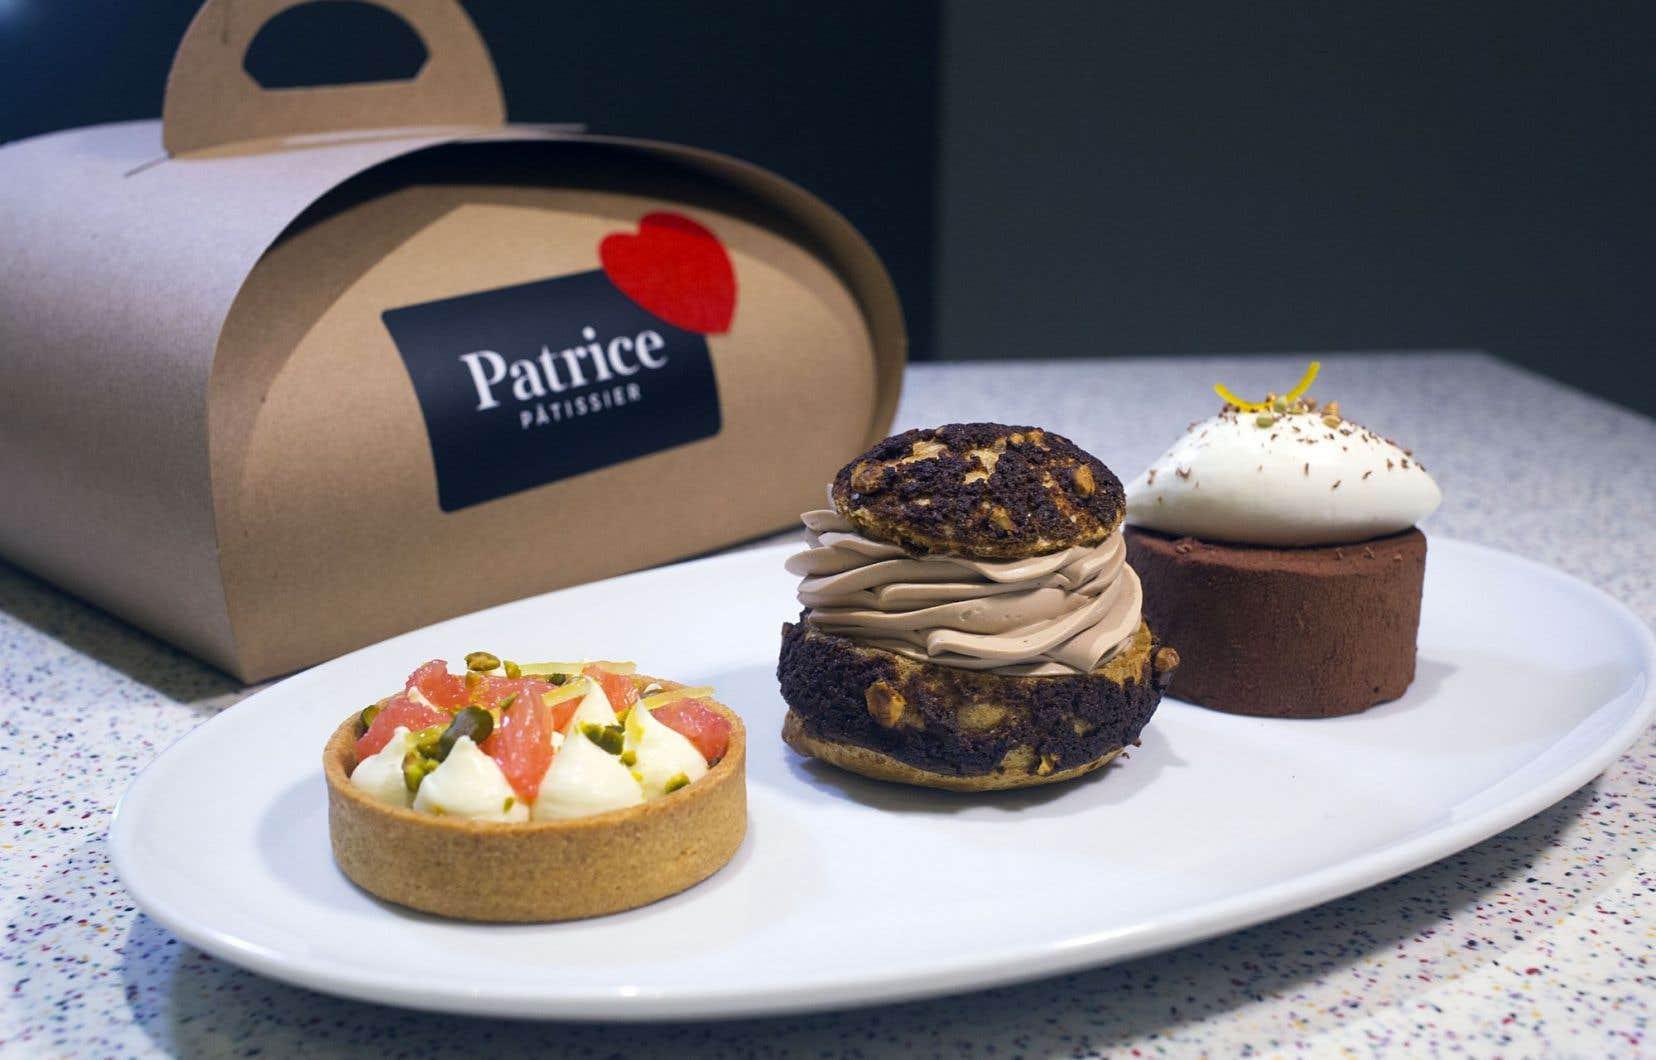 Le trio St-Valentin de Patrice Demers: une tartelette agrumes, pistaches et chocolat blanc, un chou au chocolat Azélia, noisettes et café St-Henri et une mousse au chocolat Alpaco, sarrasin et miel.